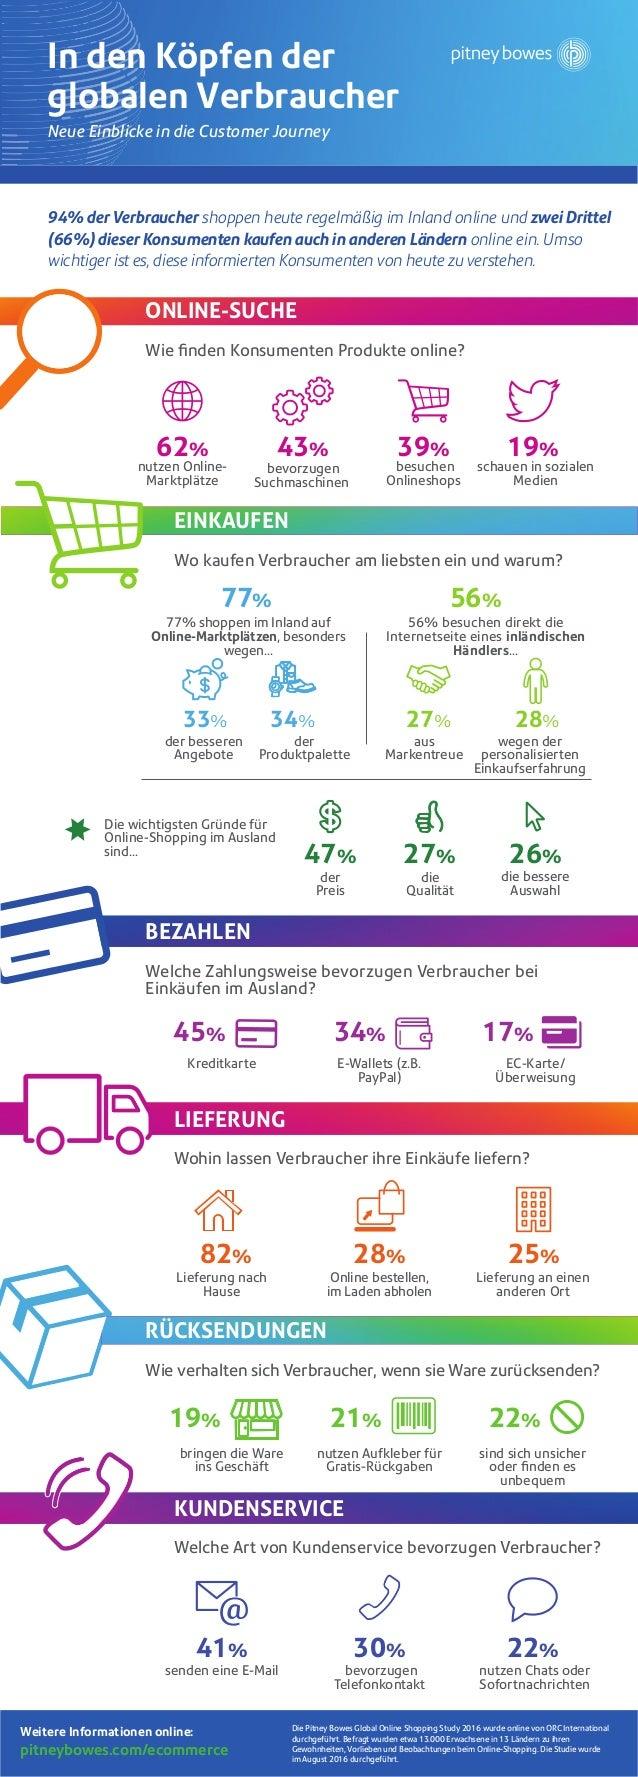 LIEFERUNG Wohin lassen Verbraucher ihre Einkäufe liefern? Neue Einblicke in die Customer Journey In den Köpfen der globale...